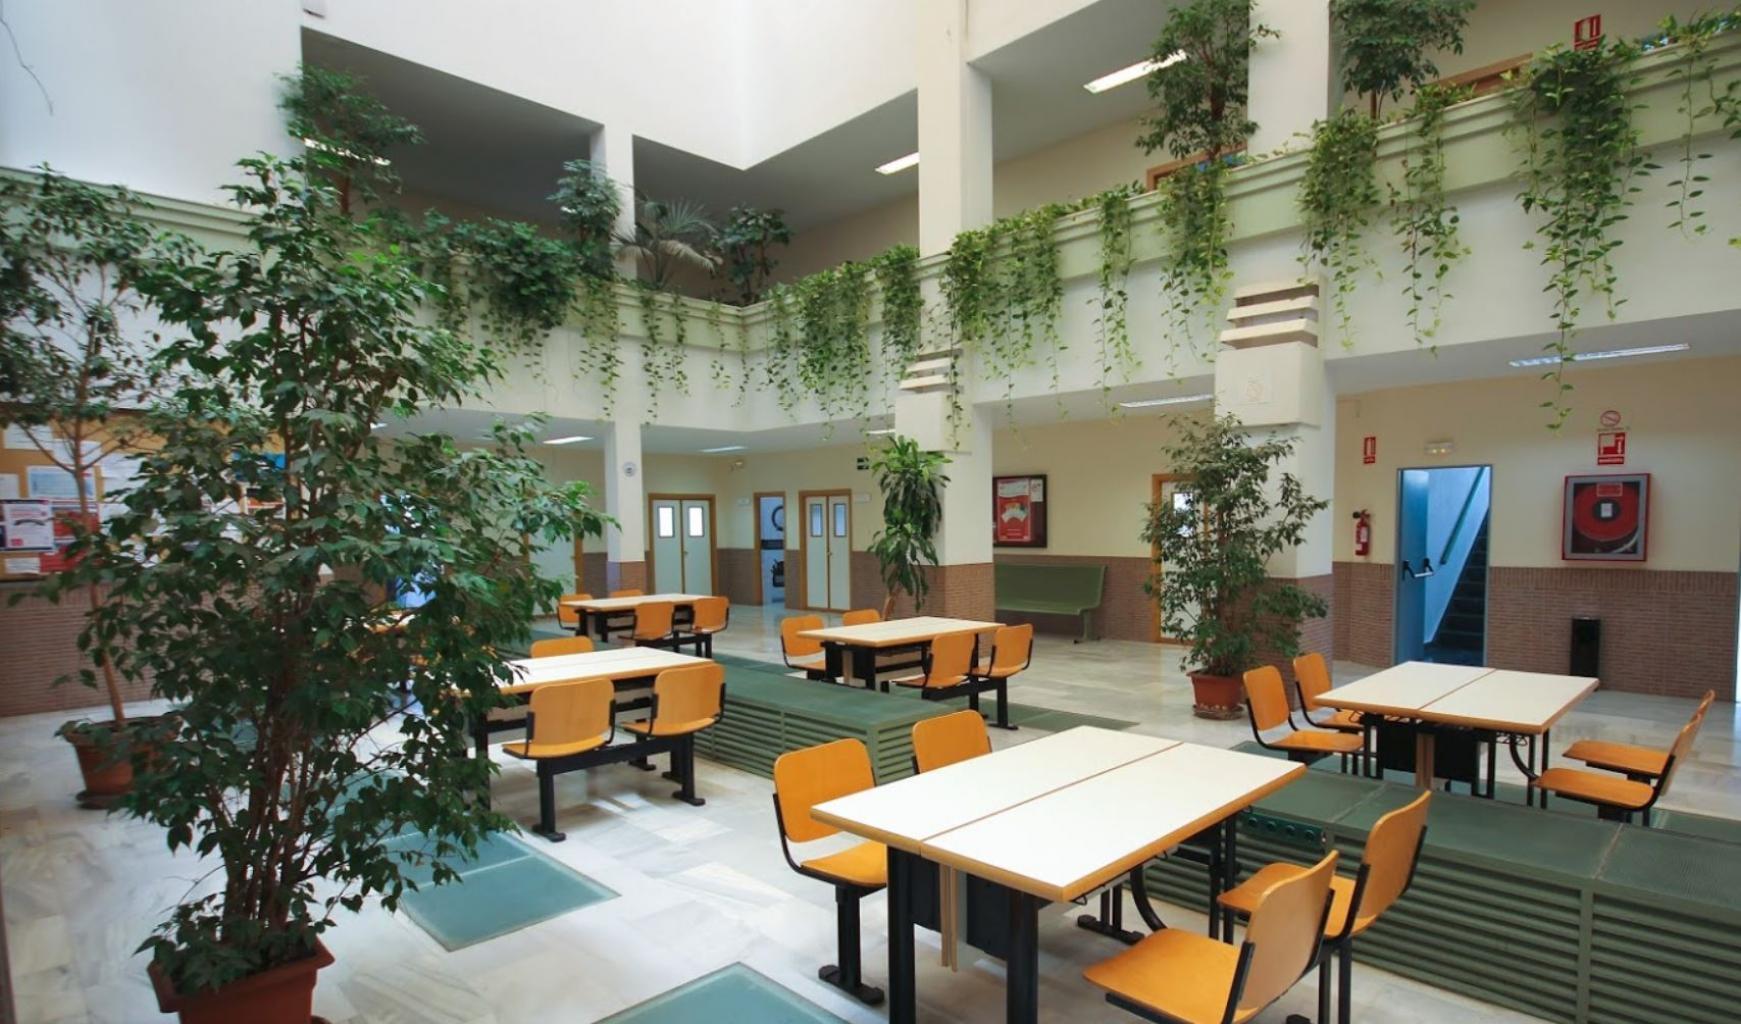 Recuni Uni Pictures Campus picture_innen